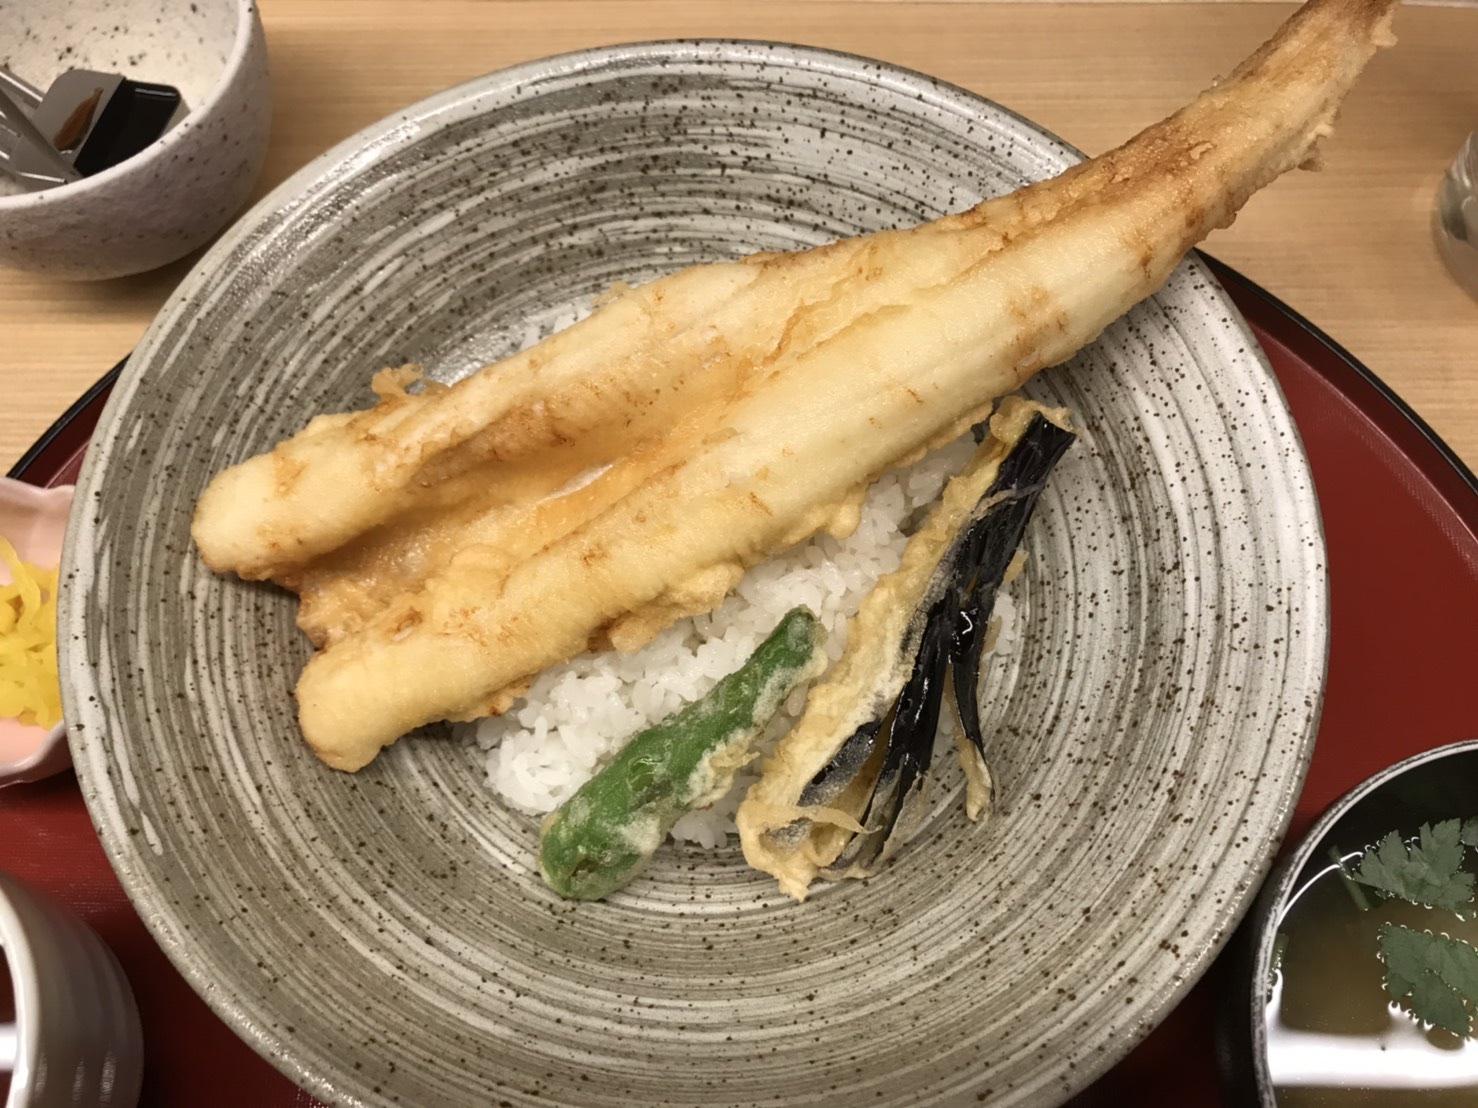 天ぷら やす田のランチ「穴子天丼 1,000円(税別)」